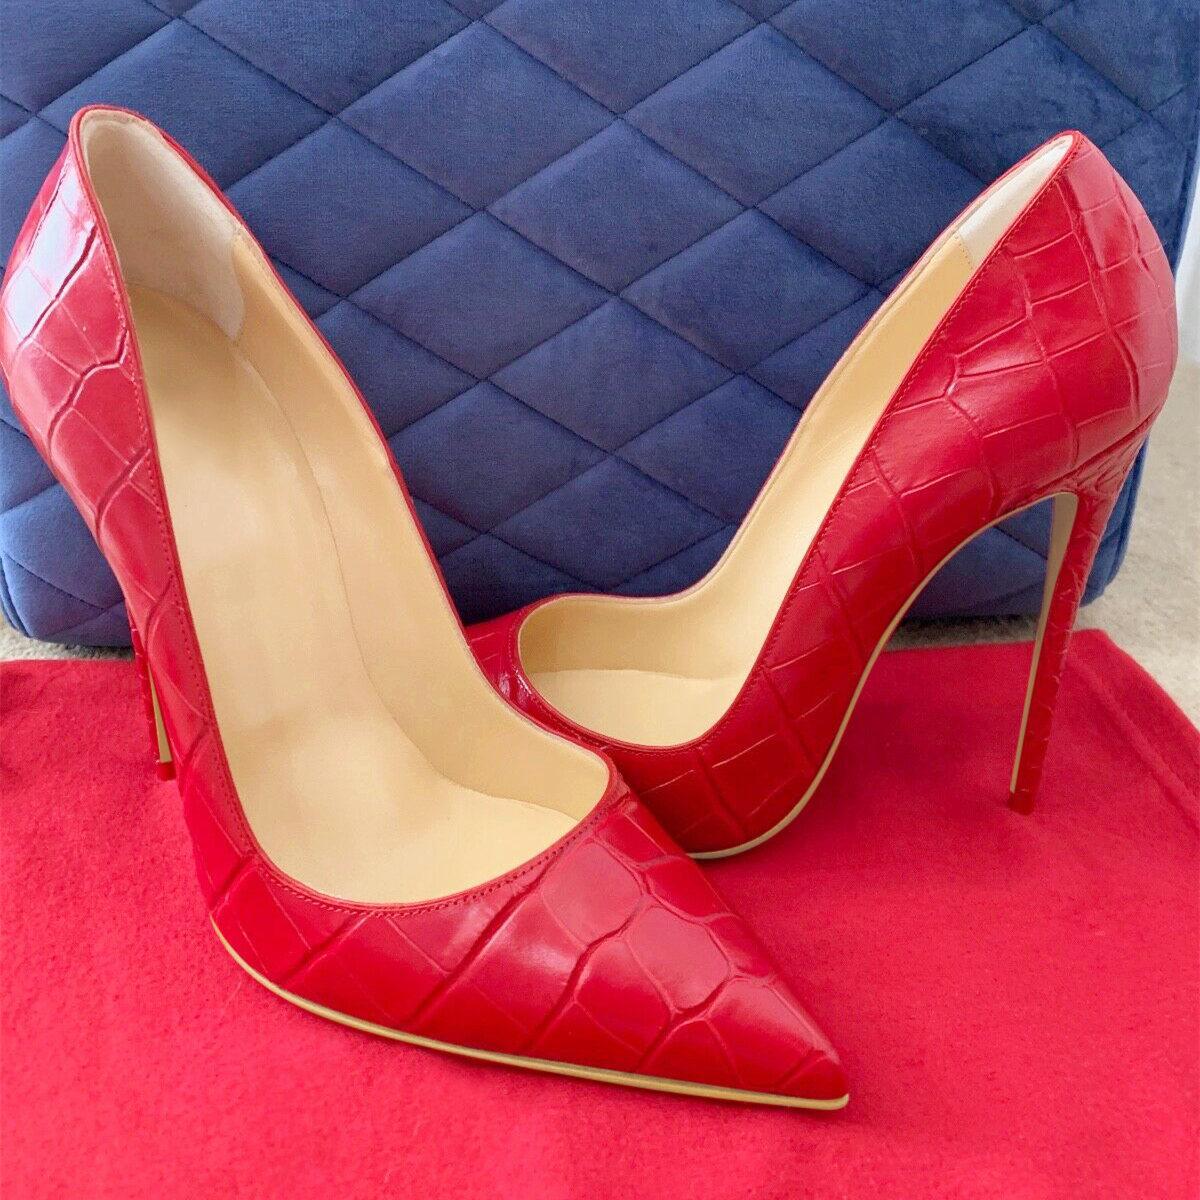 Ücretsiz nakliye moda kadın kırmızı pompalarının baskılı sivri burun stiletto yüksek topuklu sandalet ayakkabı çizme gelin düğün striptizci topuklar 12cm pompalar